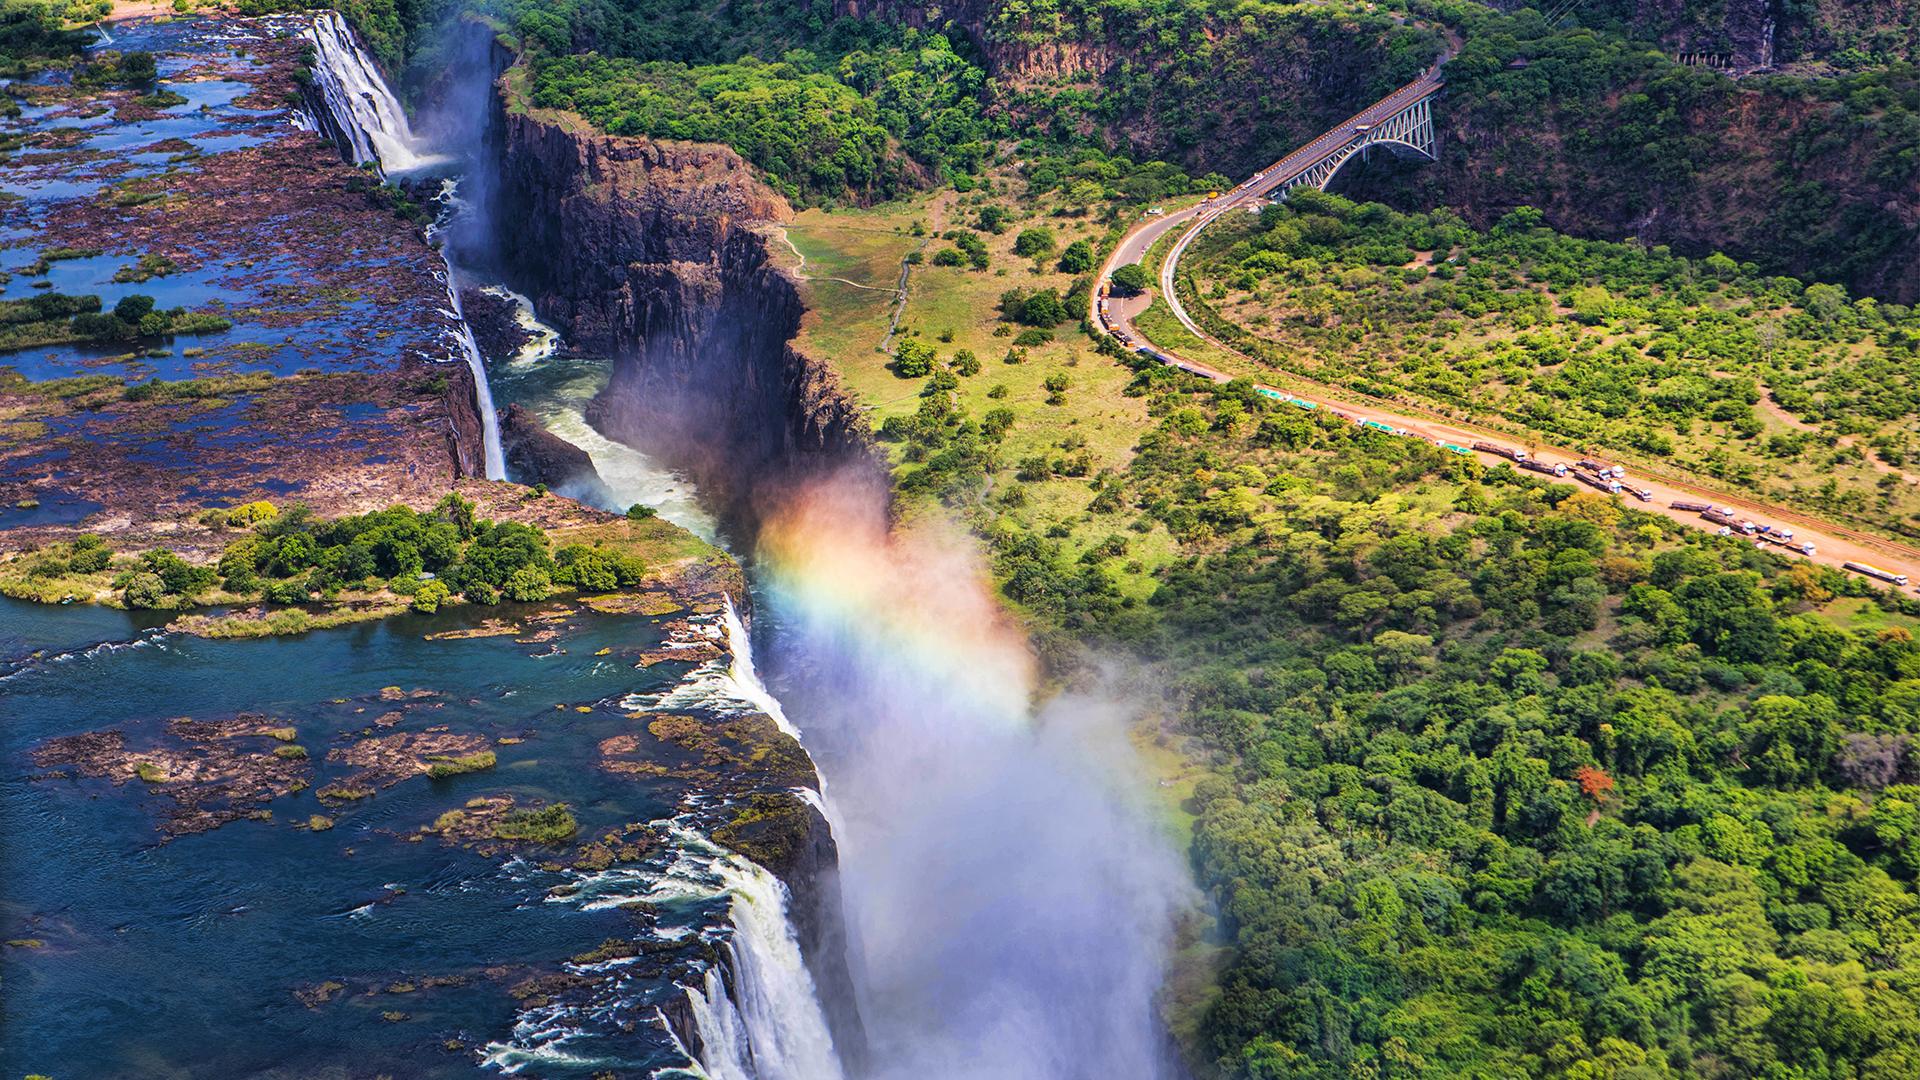 Las Cataratas Victoria son una maravilla natural por varias razones: desde el avistaje de los Cinco Grandes (leopardo, león, rinoceronte, elefante y búfalo) en sus parques nacionales hasta sitios arqueológicos incluidos en el Patrimonio Mundial